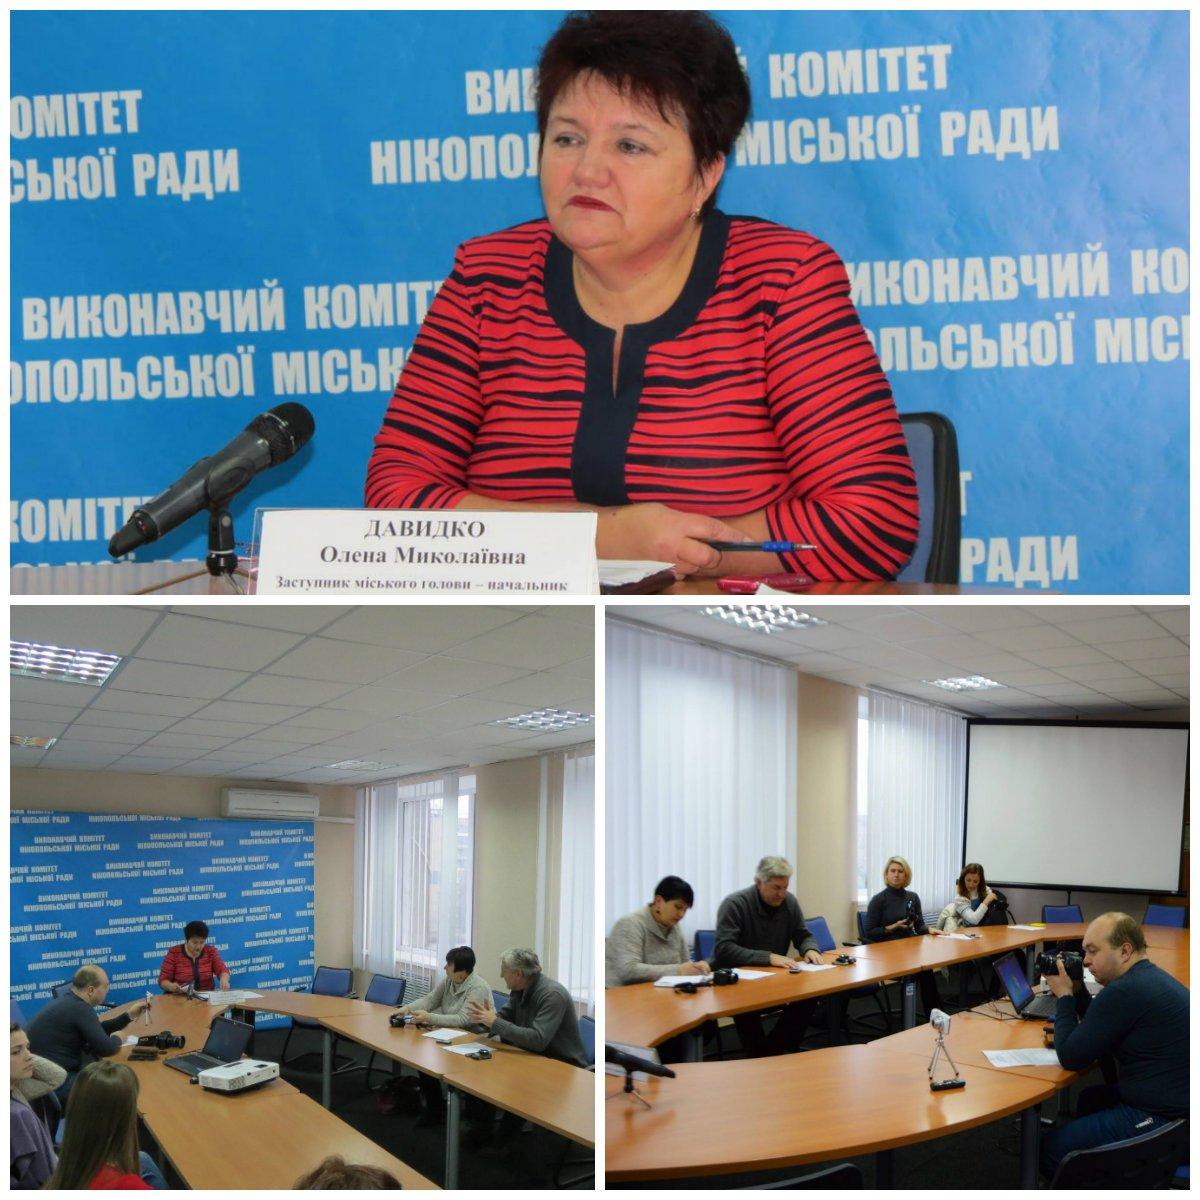 Пресс-конференция в городском совете